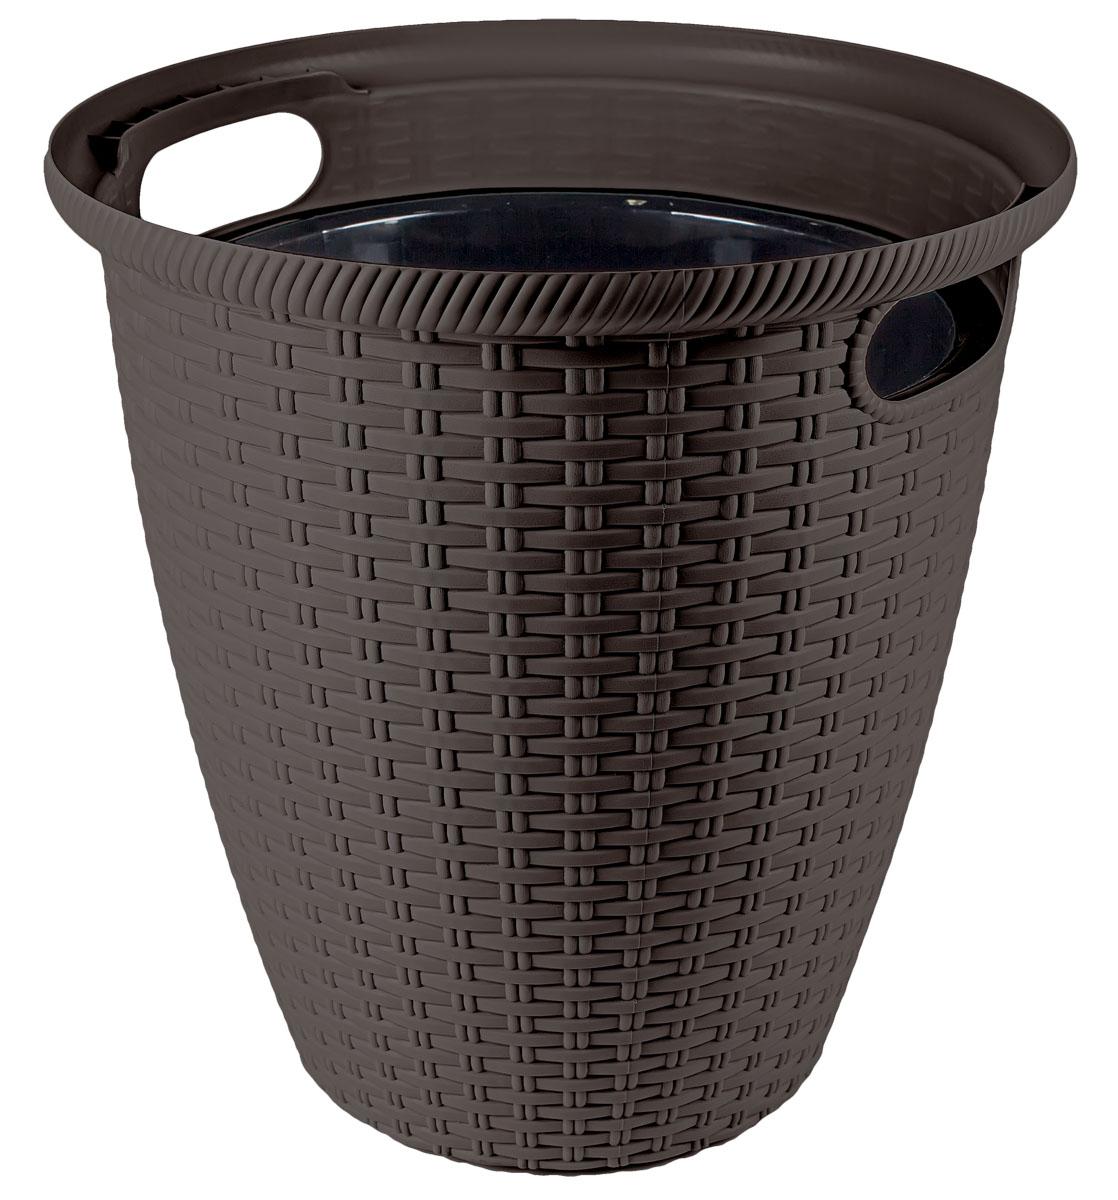 Кашпо InGreen Ротанг, напольное, цвет: венге, диаметр 32,8 смING50020ВНГ